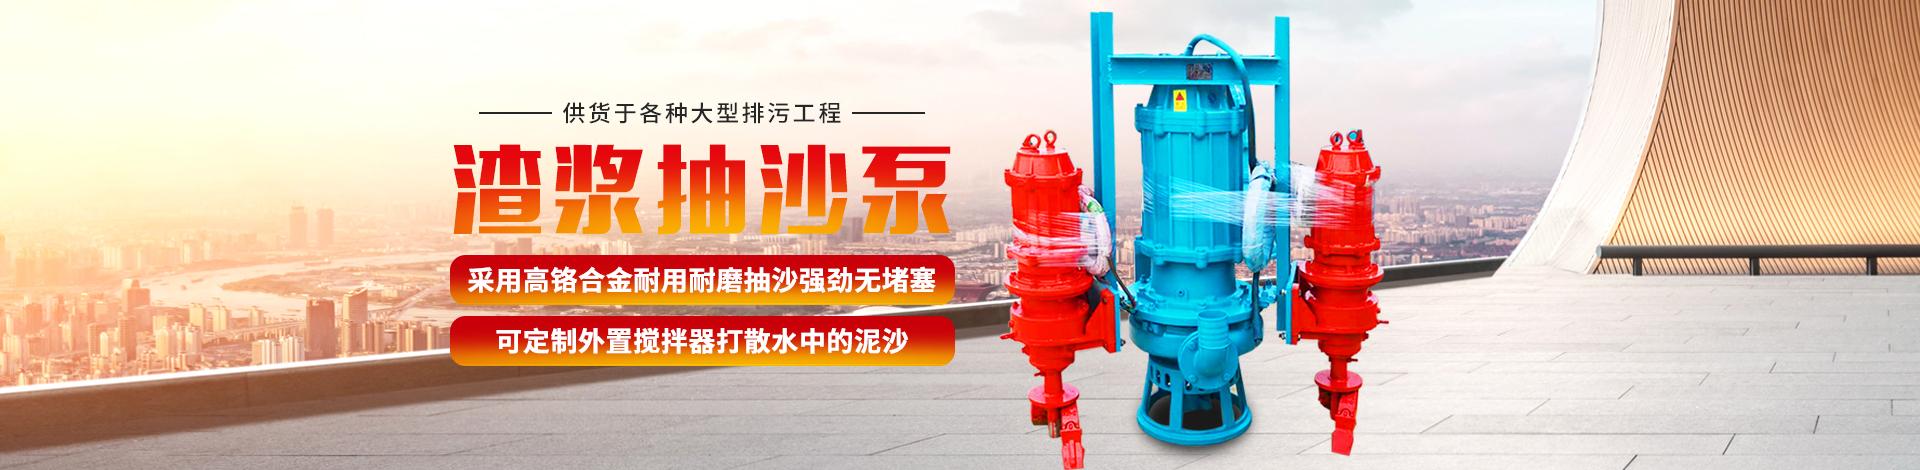 上海秦泉泵业有限公司